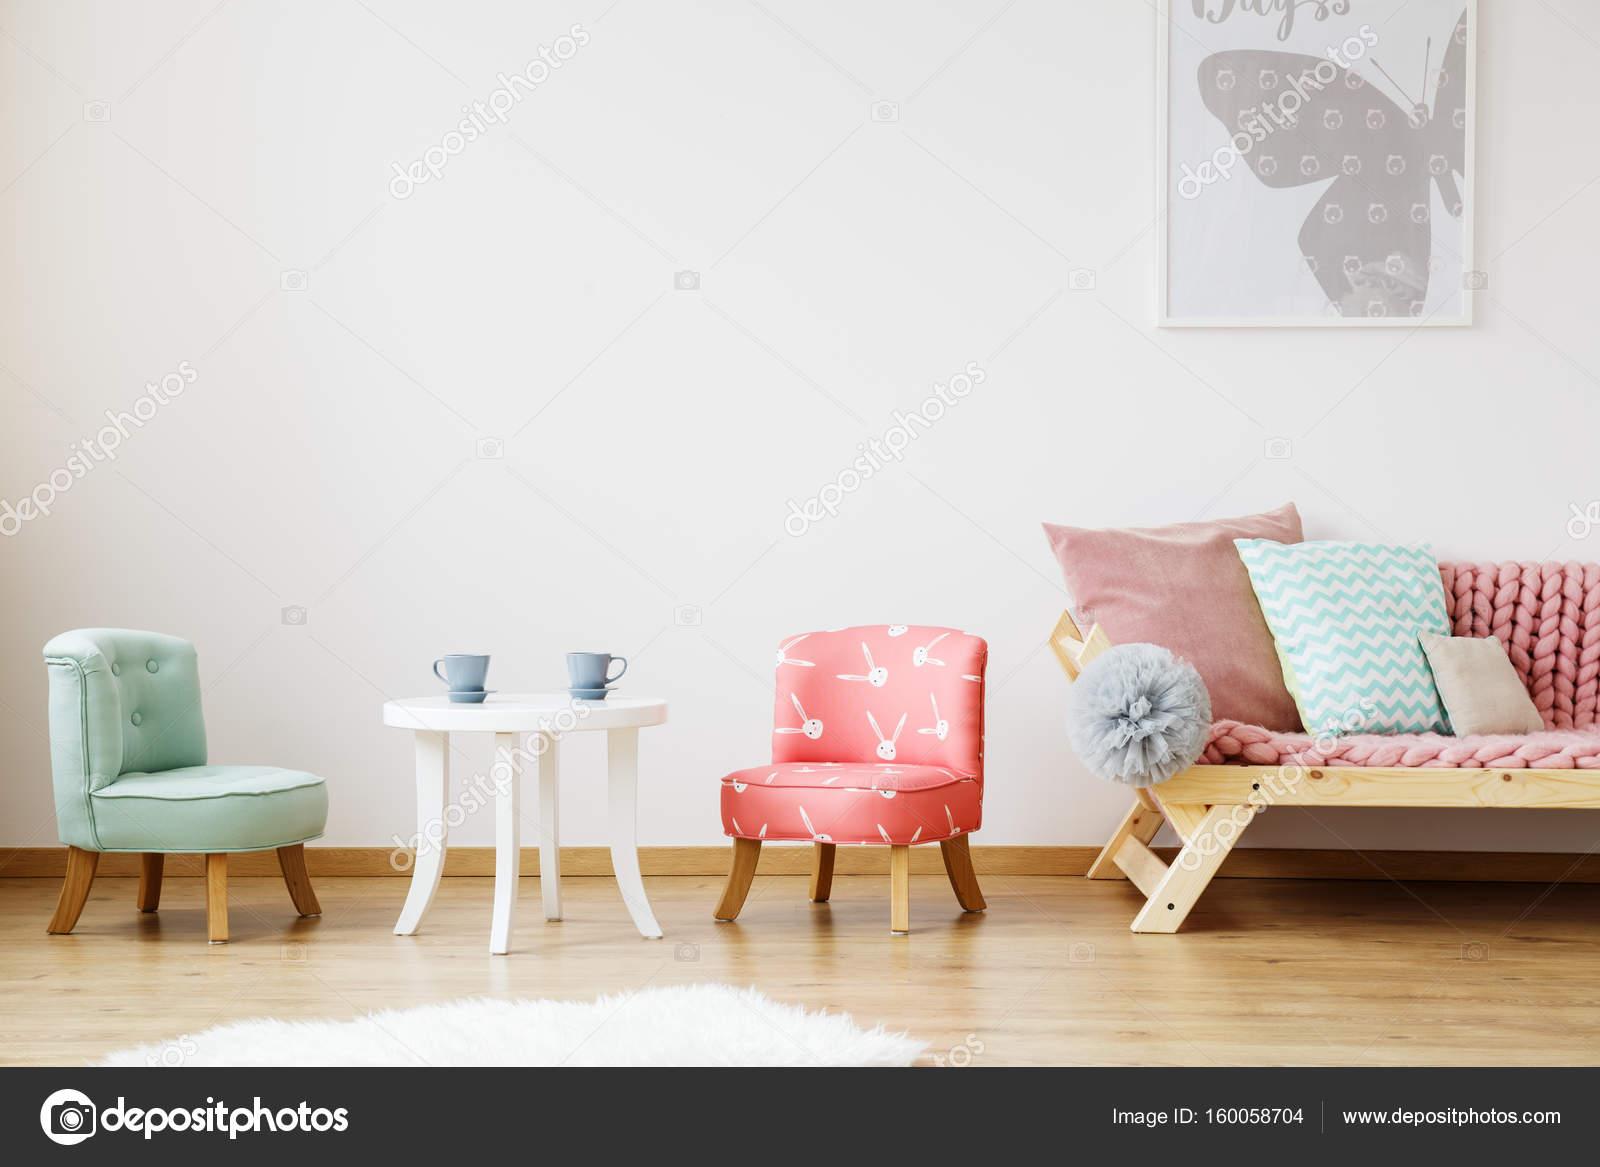 Tisch Und Stuhle Fur Kinder Stockfoto C Photographee Eu 160058704